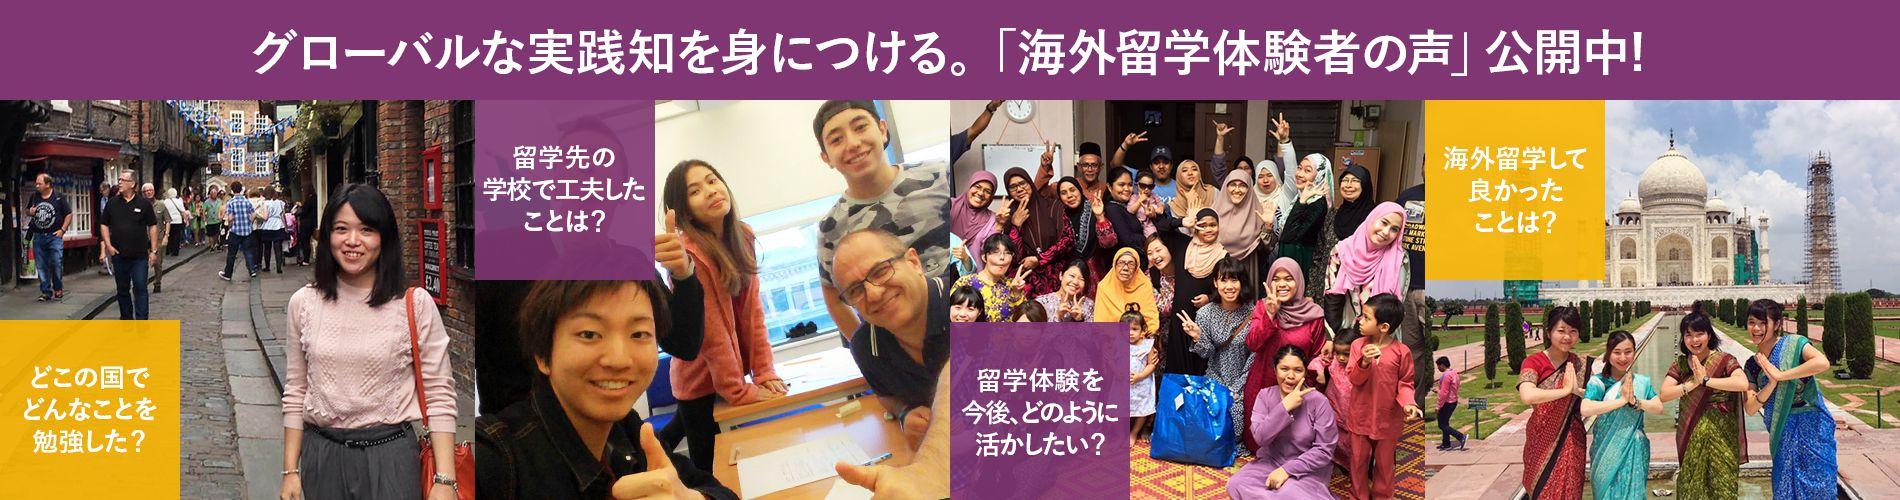 グローバルな実践知を身につける。「海外留学体験者の声」公開中!